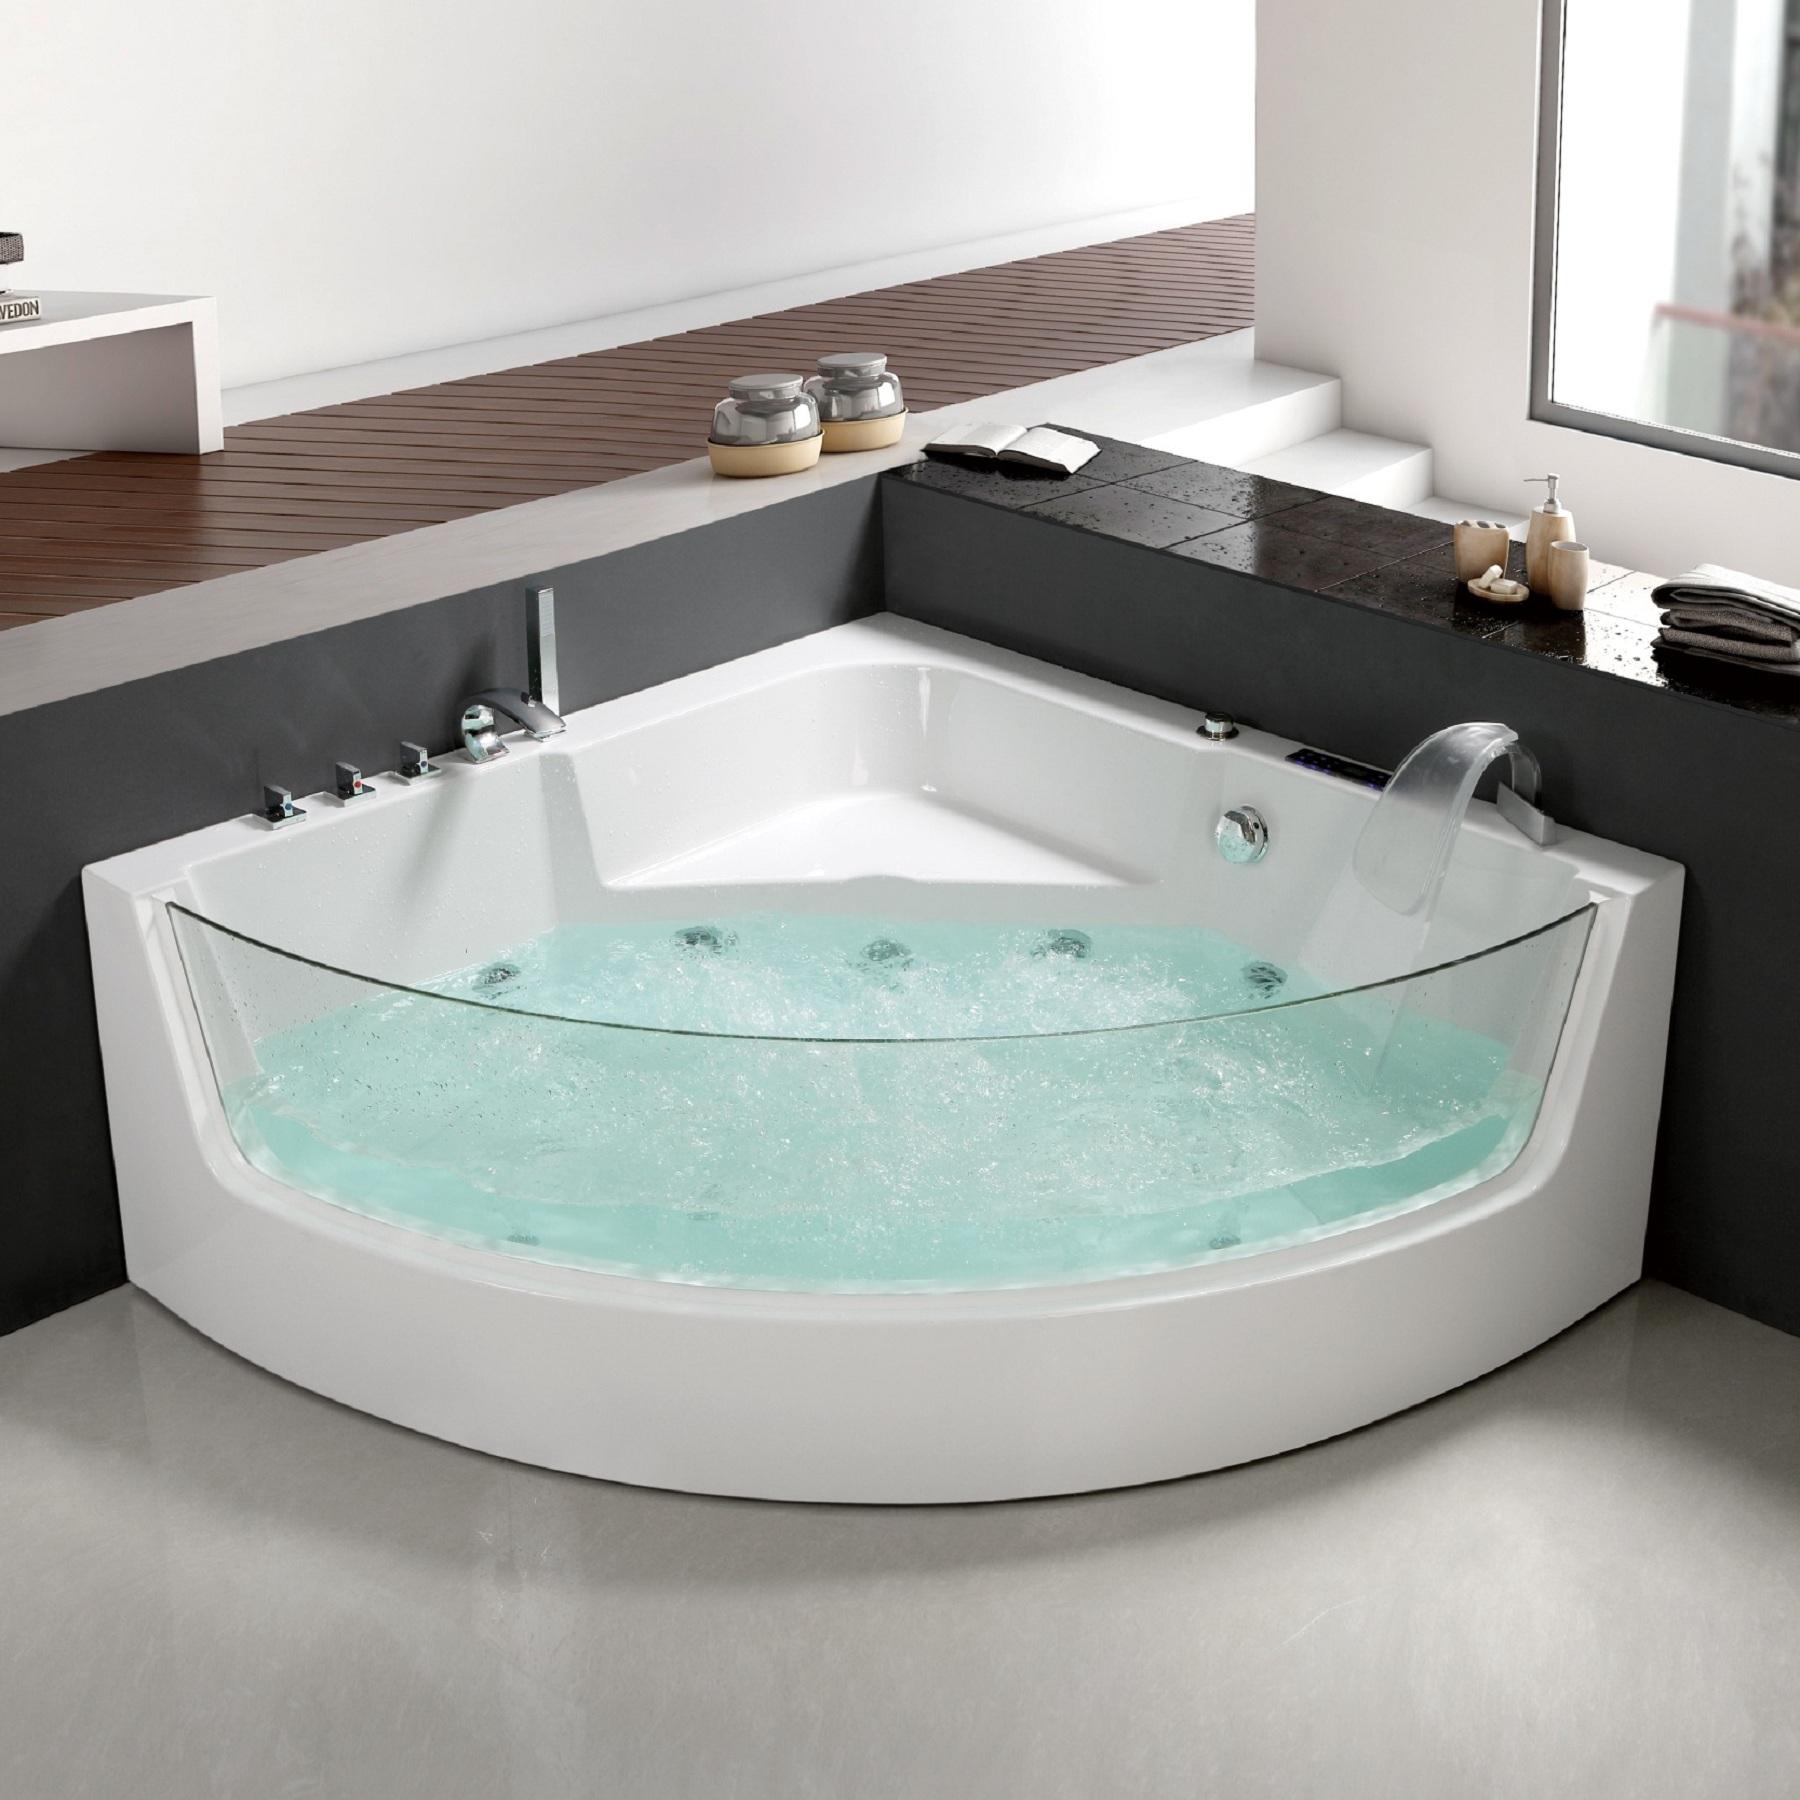 Griferia Vidrio Cascada Para Baño Diseno Elegancia: / Hidromasajes / Hidromasaje Esquinero 1500x1500mm Frente Vidrio